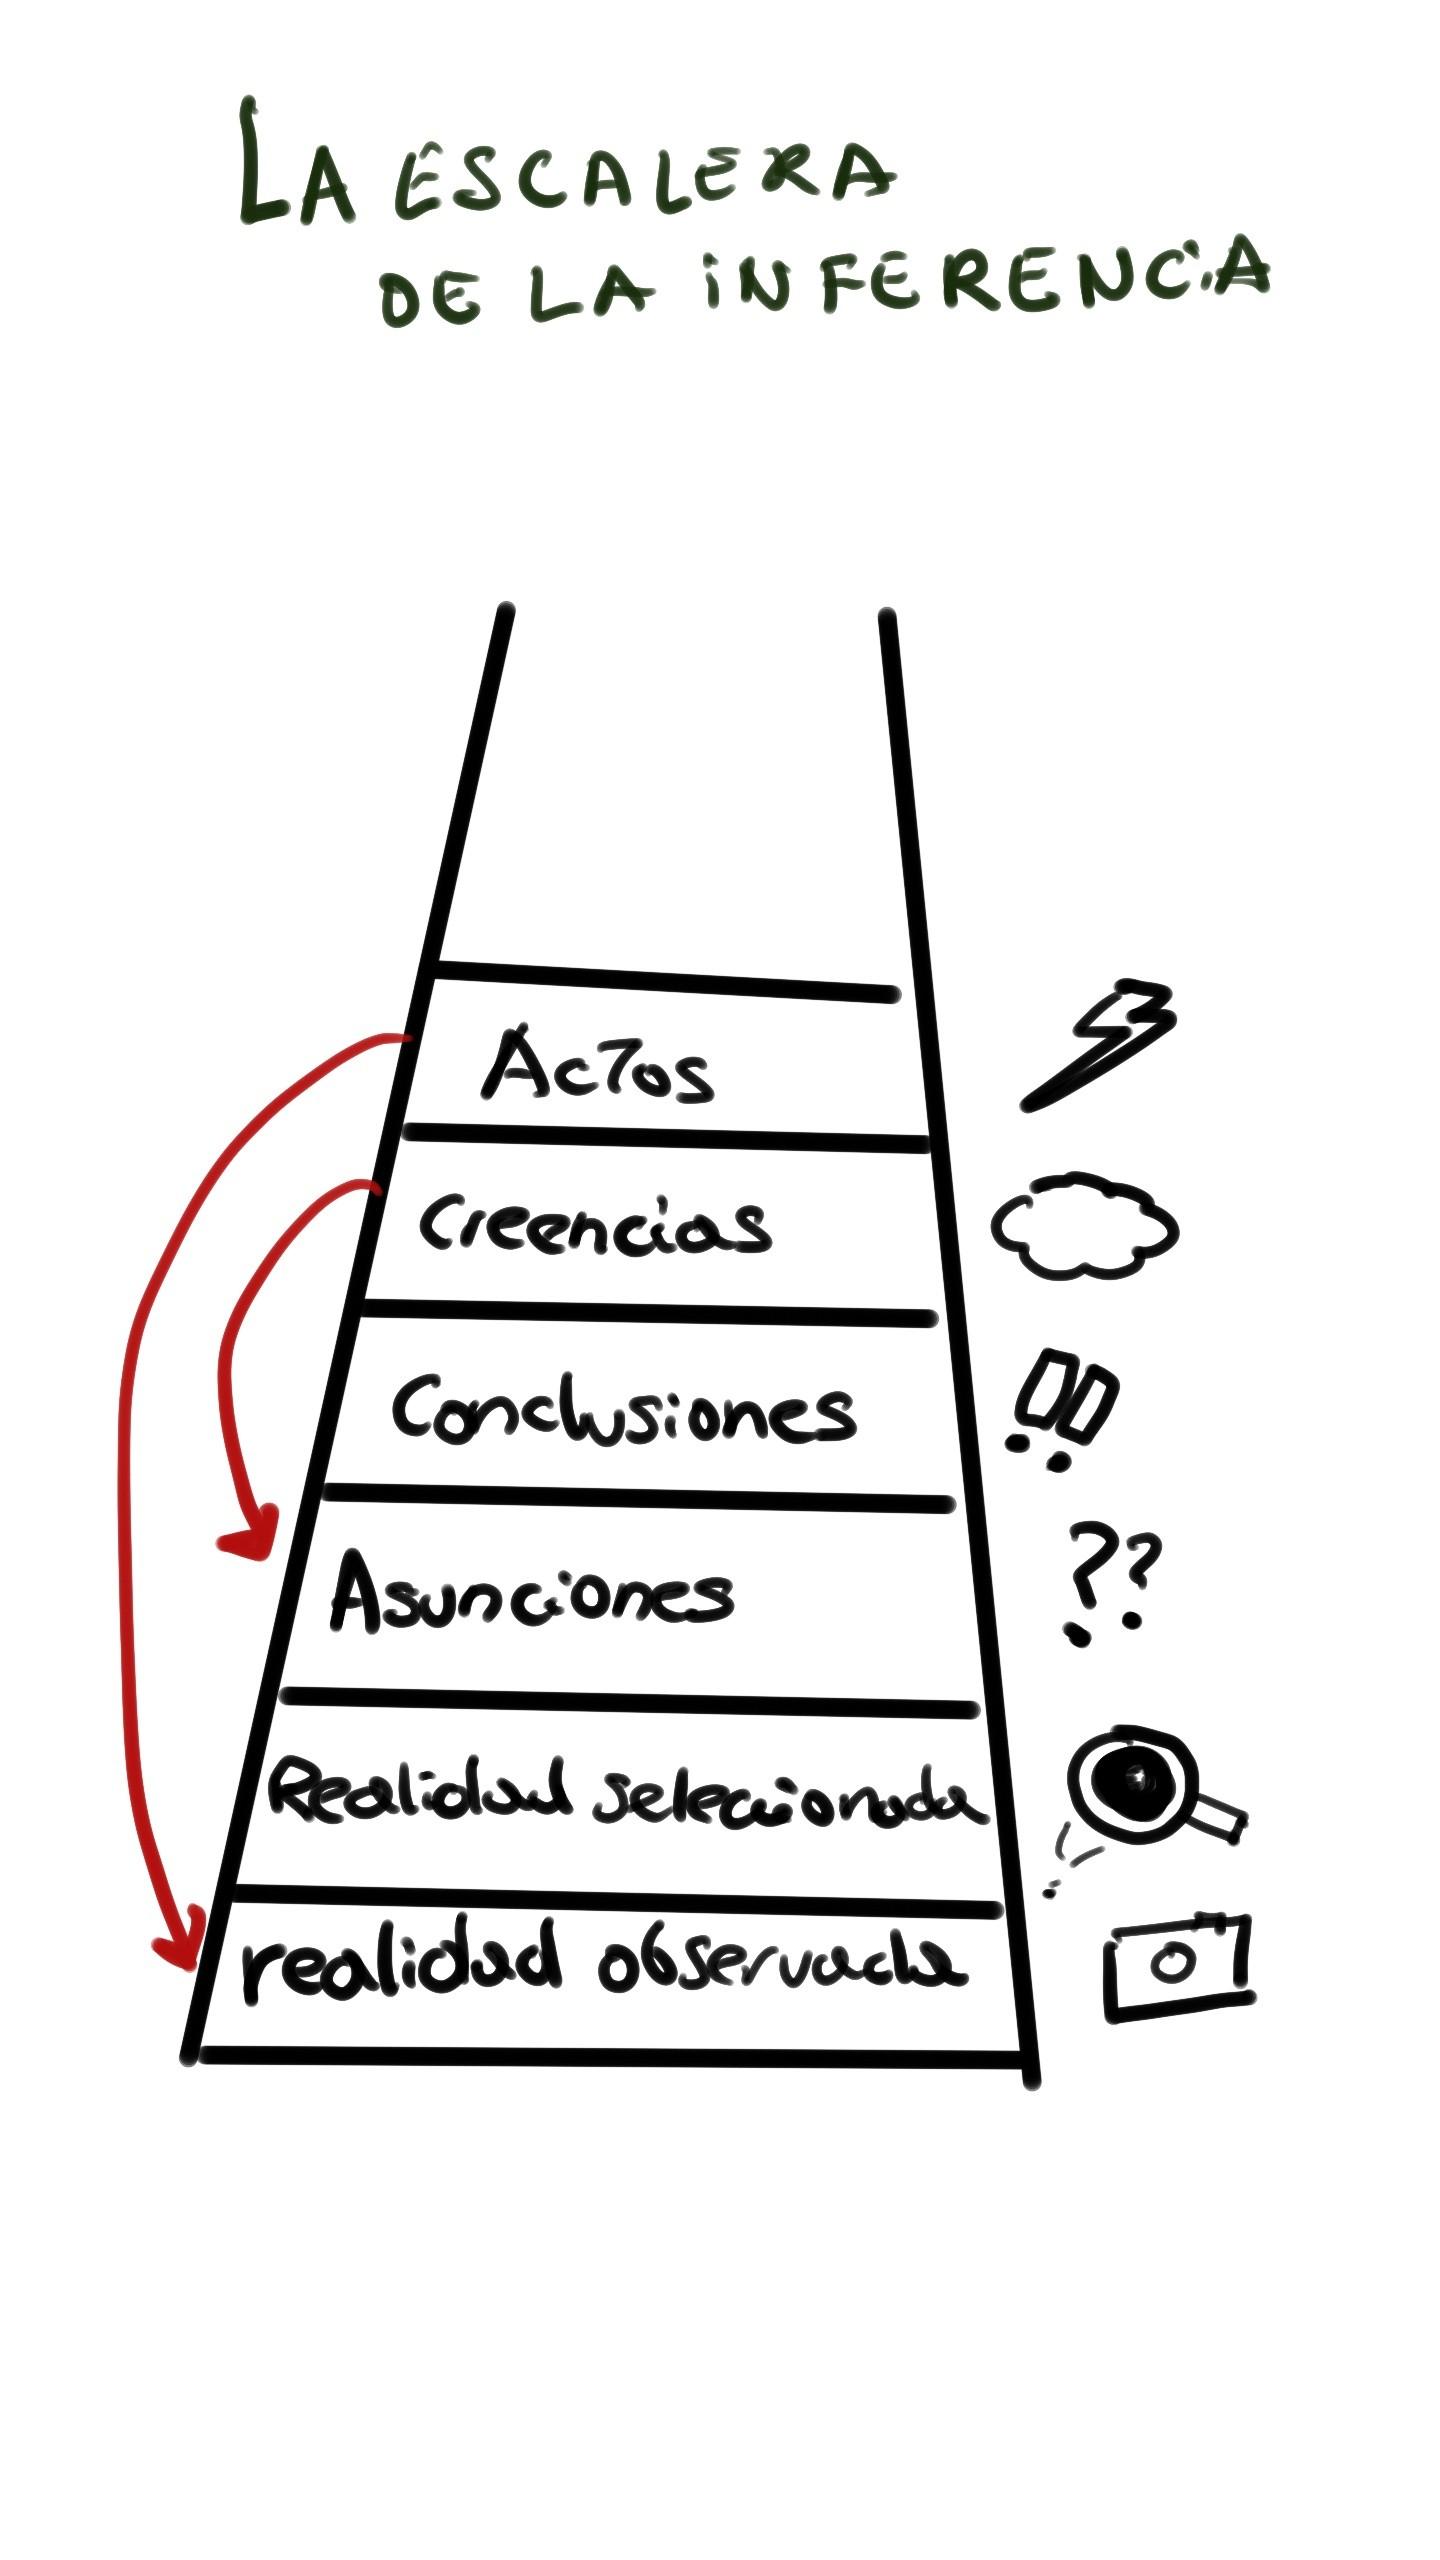 La escalera de la inferencia